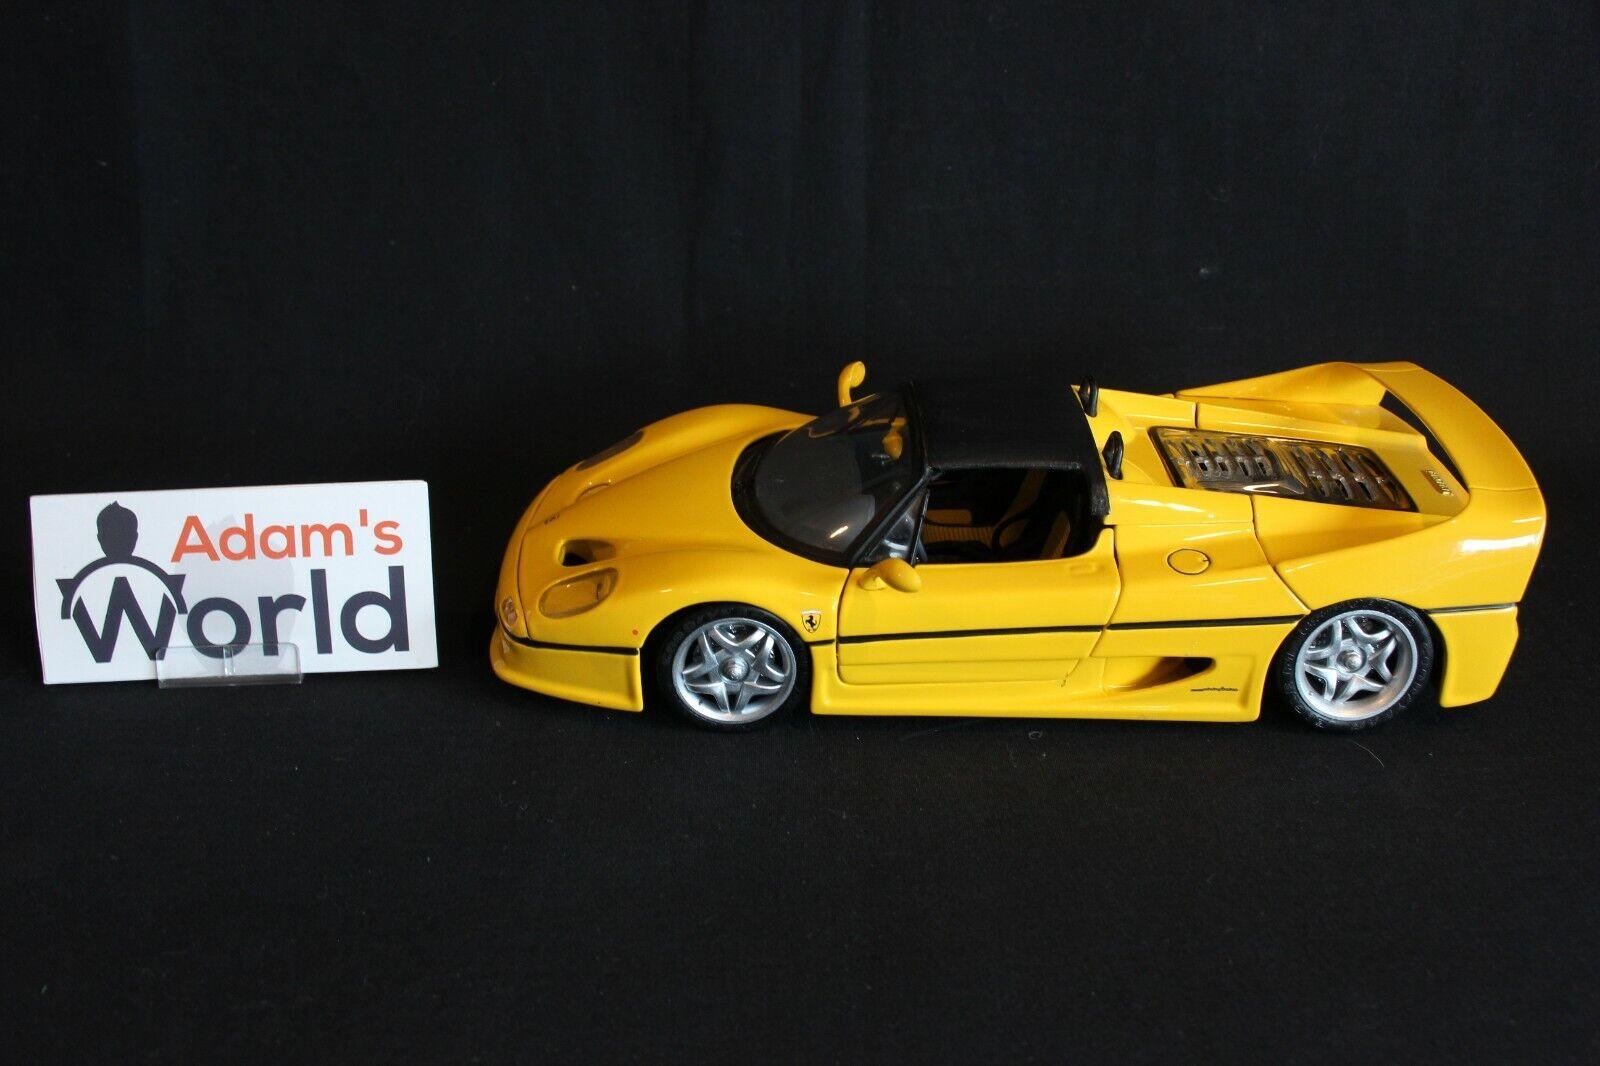 diseño único Hot Wheels Transkit Transkit Transkit Ferrari F50 Cabriolet  short soft top  1 18 amarillo (PJBB)  servicio honesto